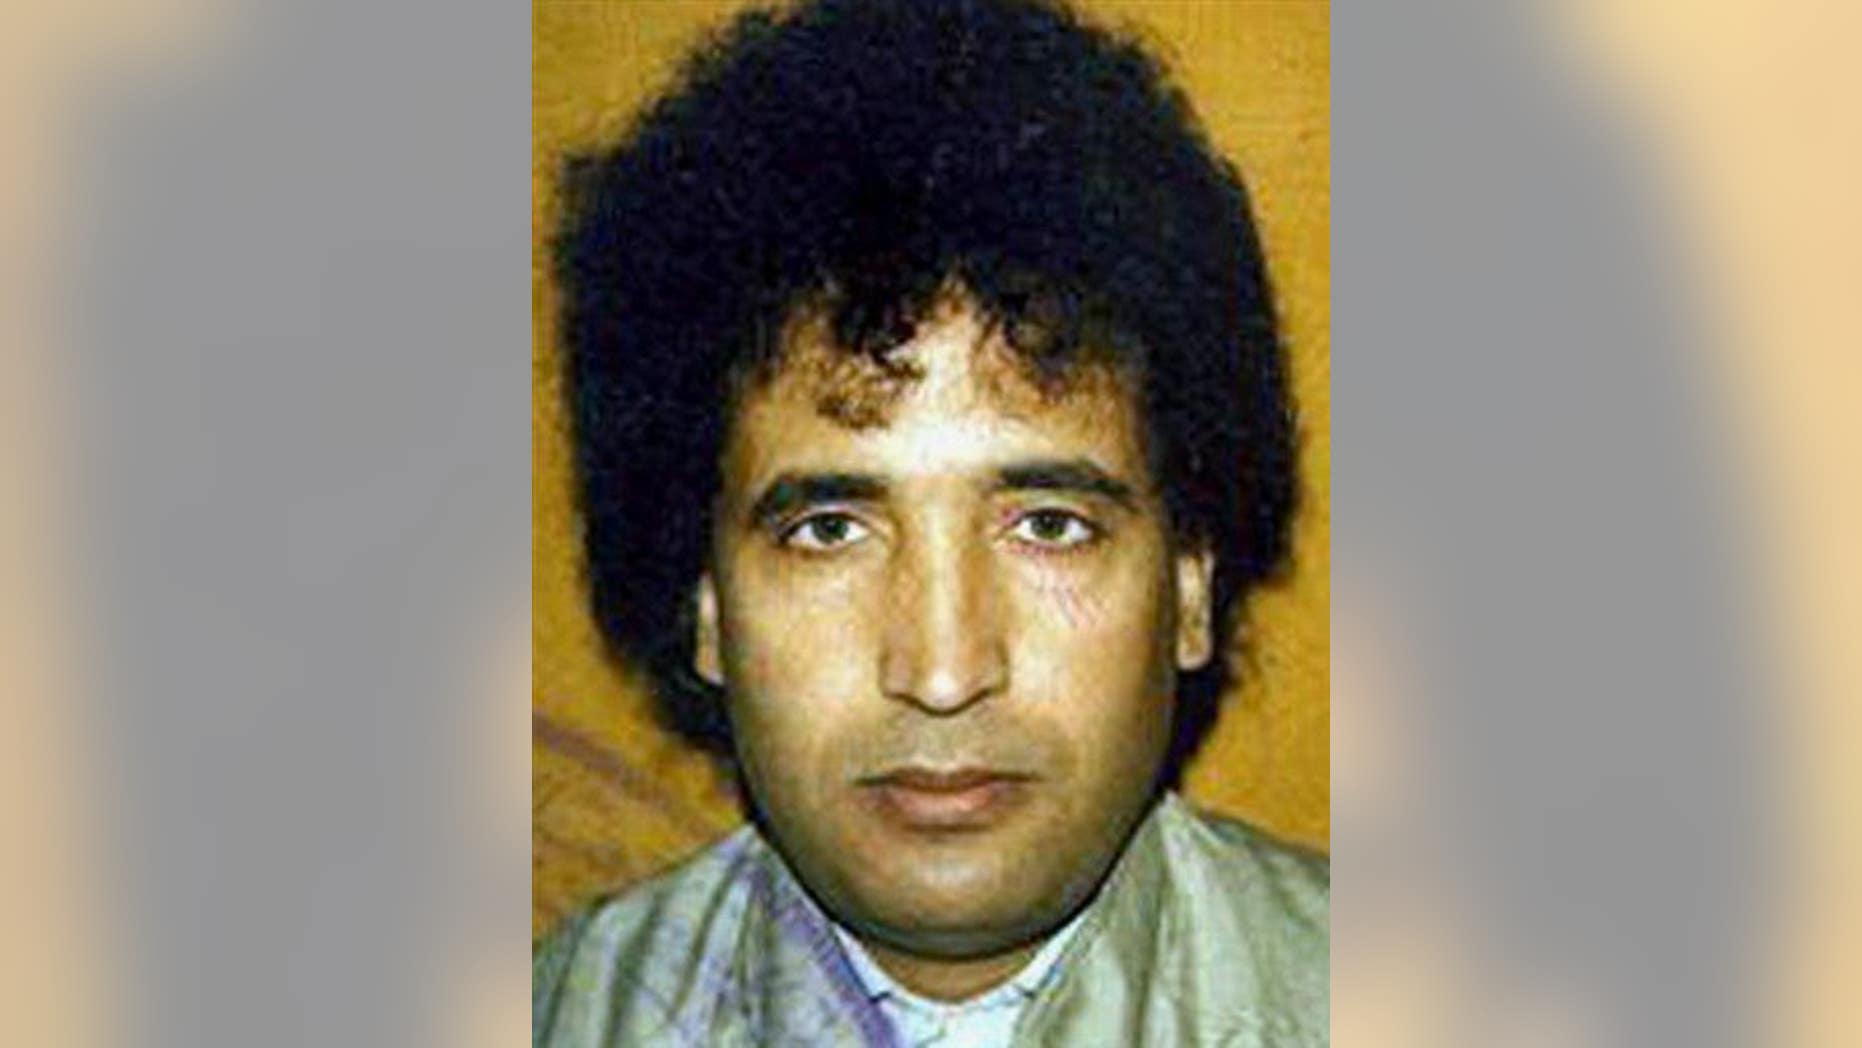 Abdel Baset al-Megrahi in an undated file photo.